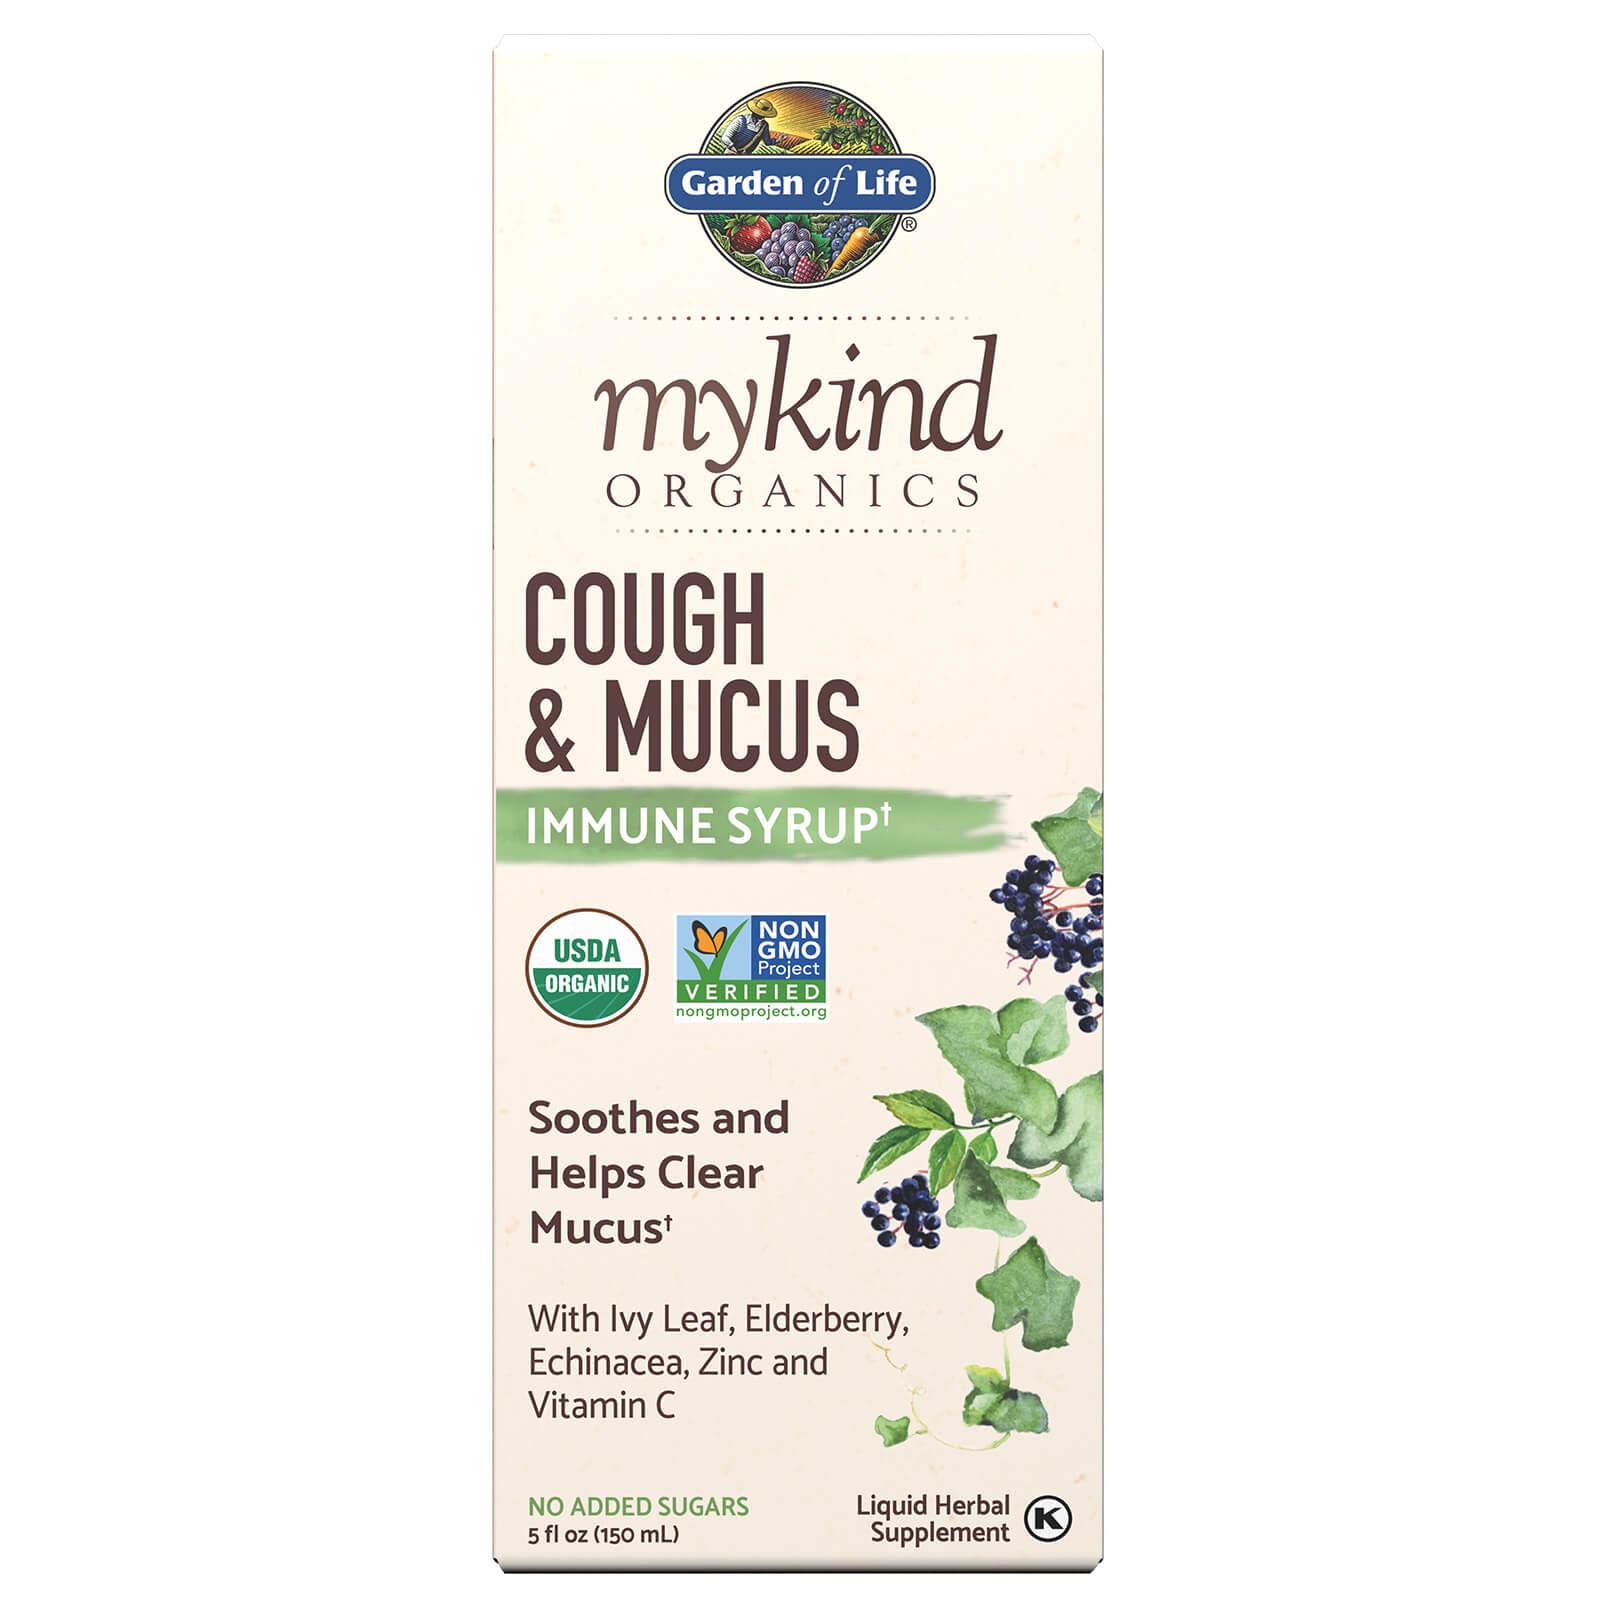 Mykind Organics Hoest & Slijm immuunsiroop 150 ml Vloeistof